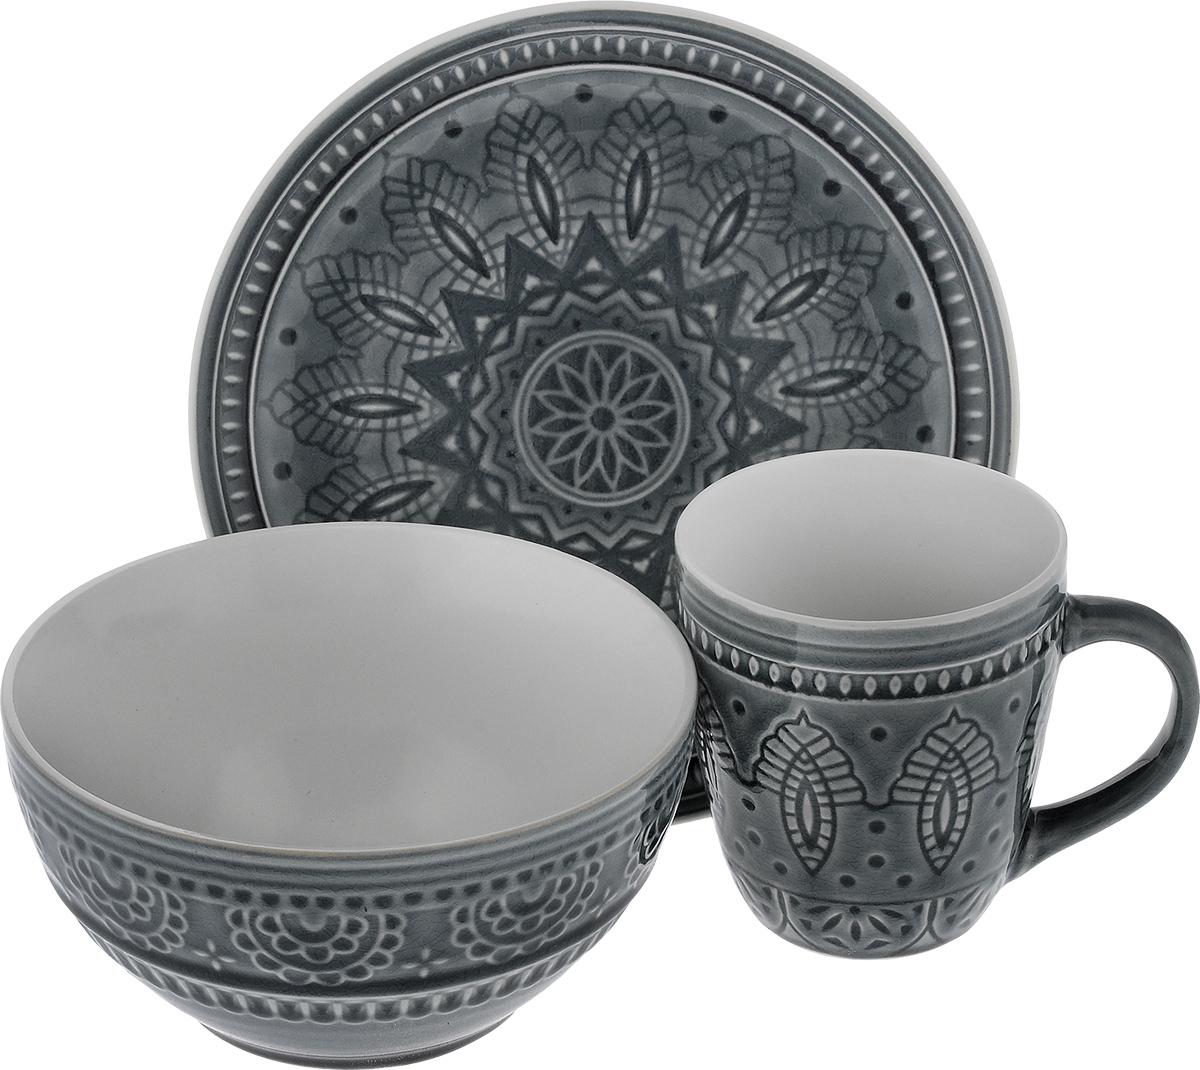 Набор столовой посуды Tongo, цвет: серый, 3 предметаVT-1520(SR)Набор столовой посуды Tongo состоит из салатника, кружки, десертной тарелки. Изделия выполнены из экологически чистой каменной керамики, покрытой сверкающей глазурью. Посуда оформлена изысканным рельефным орнаментом. Поверхность слегка потрескавшаяся, что придает изделию винтажный вид и оттенок старины. Такой набор посуды прекрасно подходит как для торжественных случаев, так и для повседневного использования. Стильный дизайн изящно украсит сервировку стола. Можно использовать в посудомоечной машине и СВЧ. Диаметр десертной тарелки: 20,5 см. Объем салатника: 800 мл. Диаметр салатника (по верхнему краю): 16 см. Высота салатника: 8 см. Объем кружки: 350 мл. Диаметр кружки (по верхнему краю): 9 см. Высота кружки: 10 см.